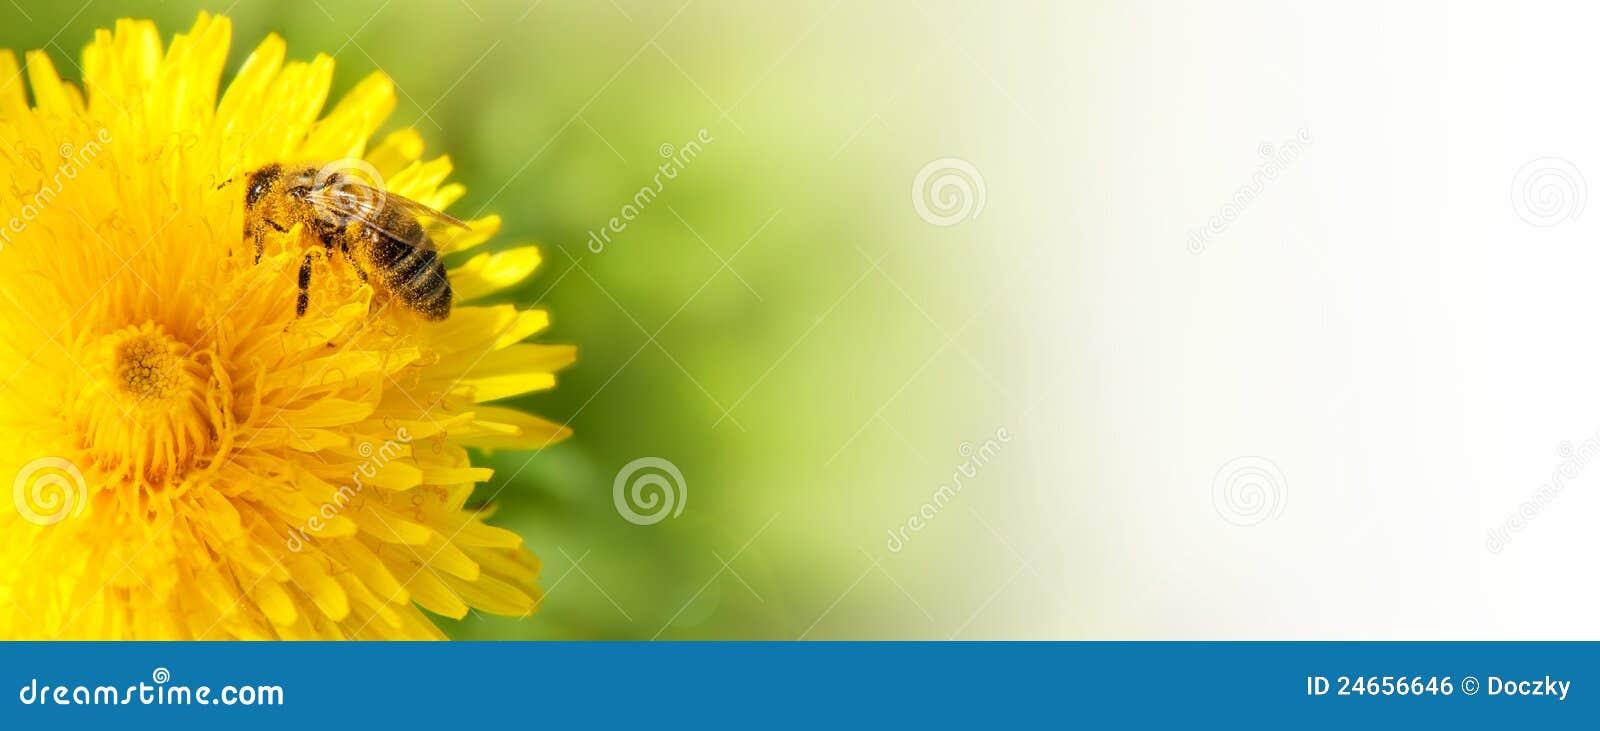 Abeja de la miel que recoge el néctar de la flor del diente de león.